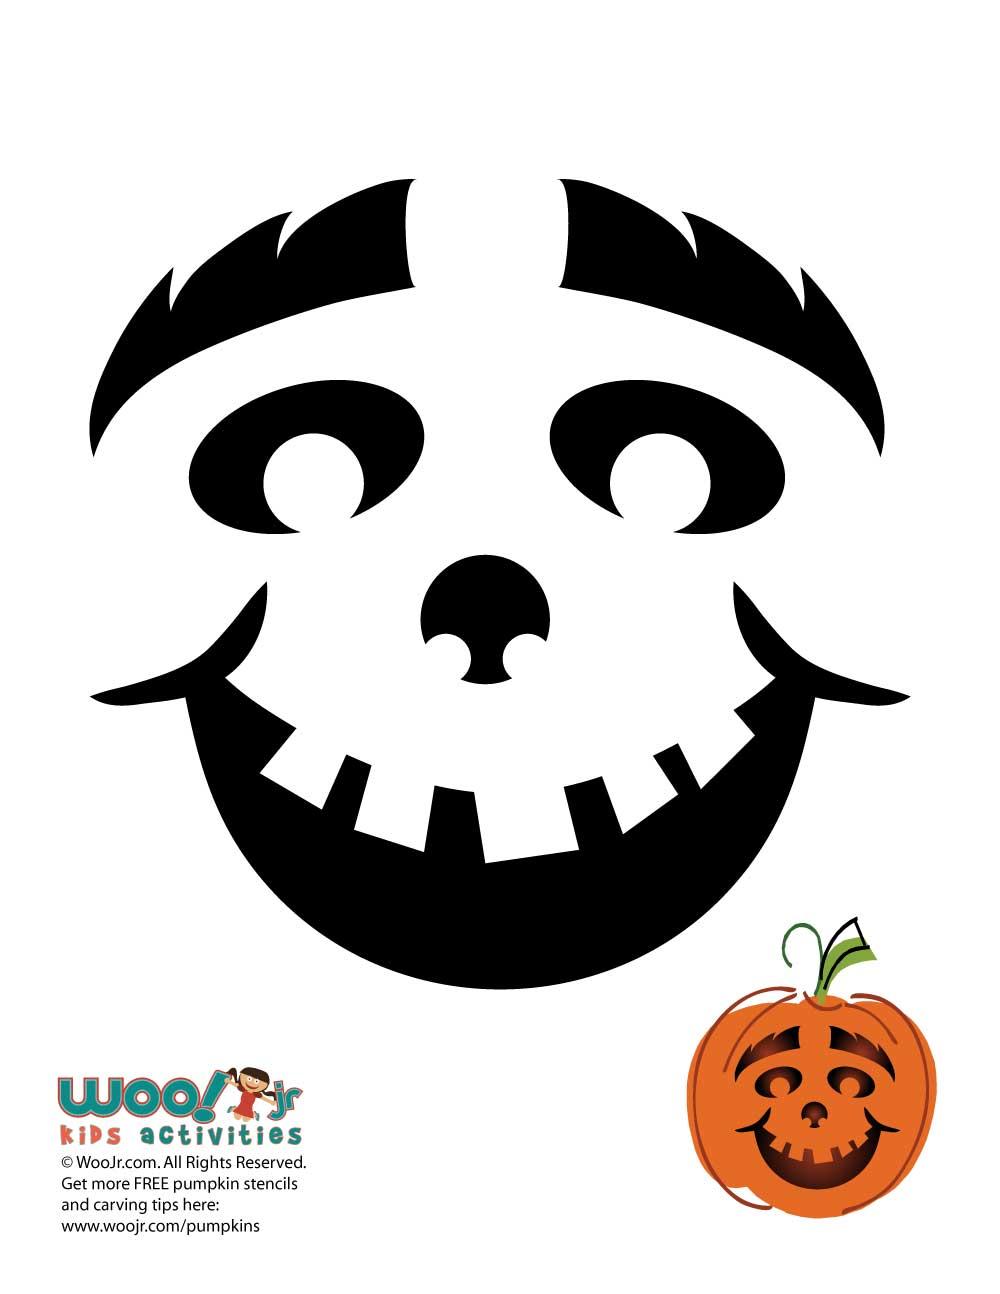 Happy Pumpkin Face   Woo! Jr. Kids Activities